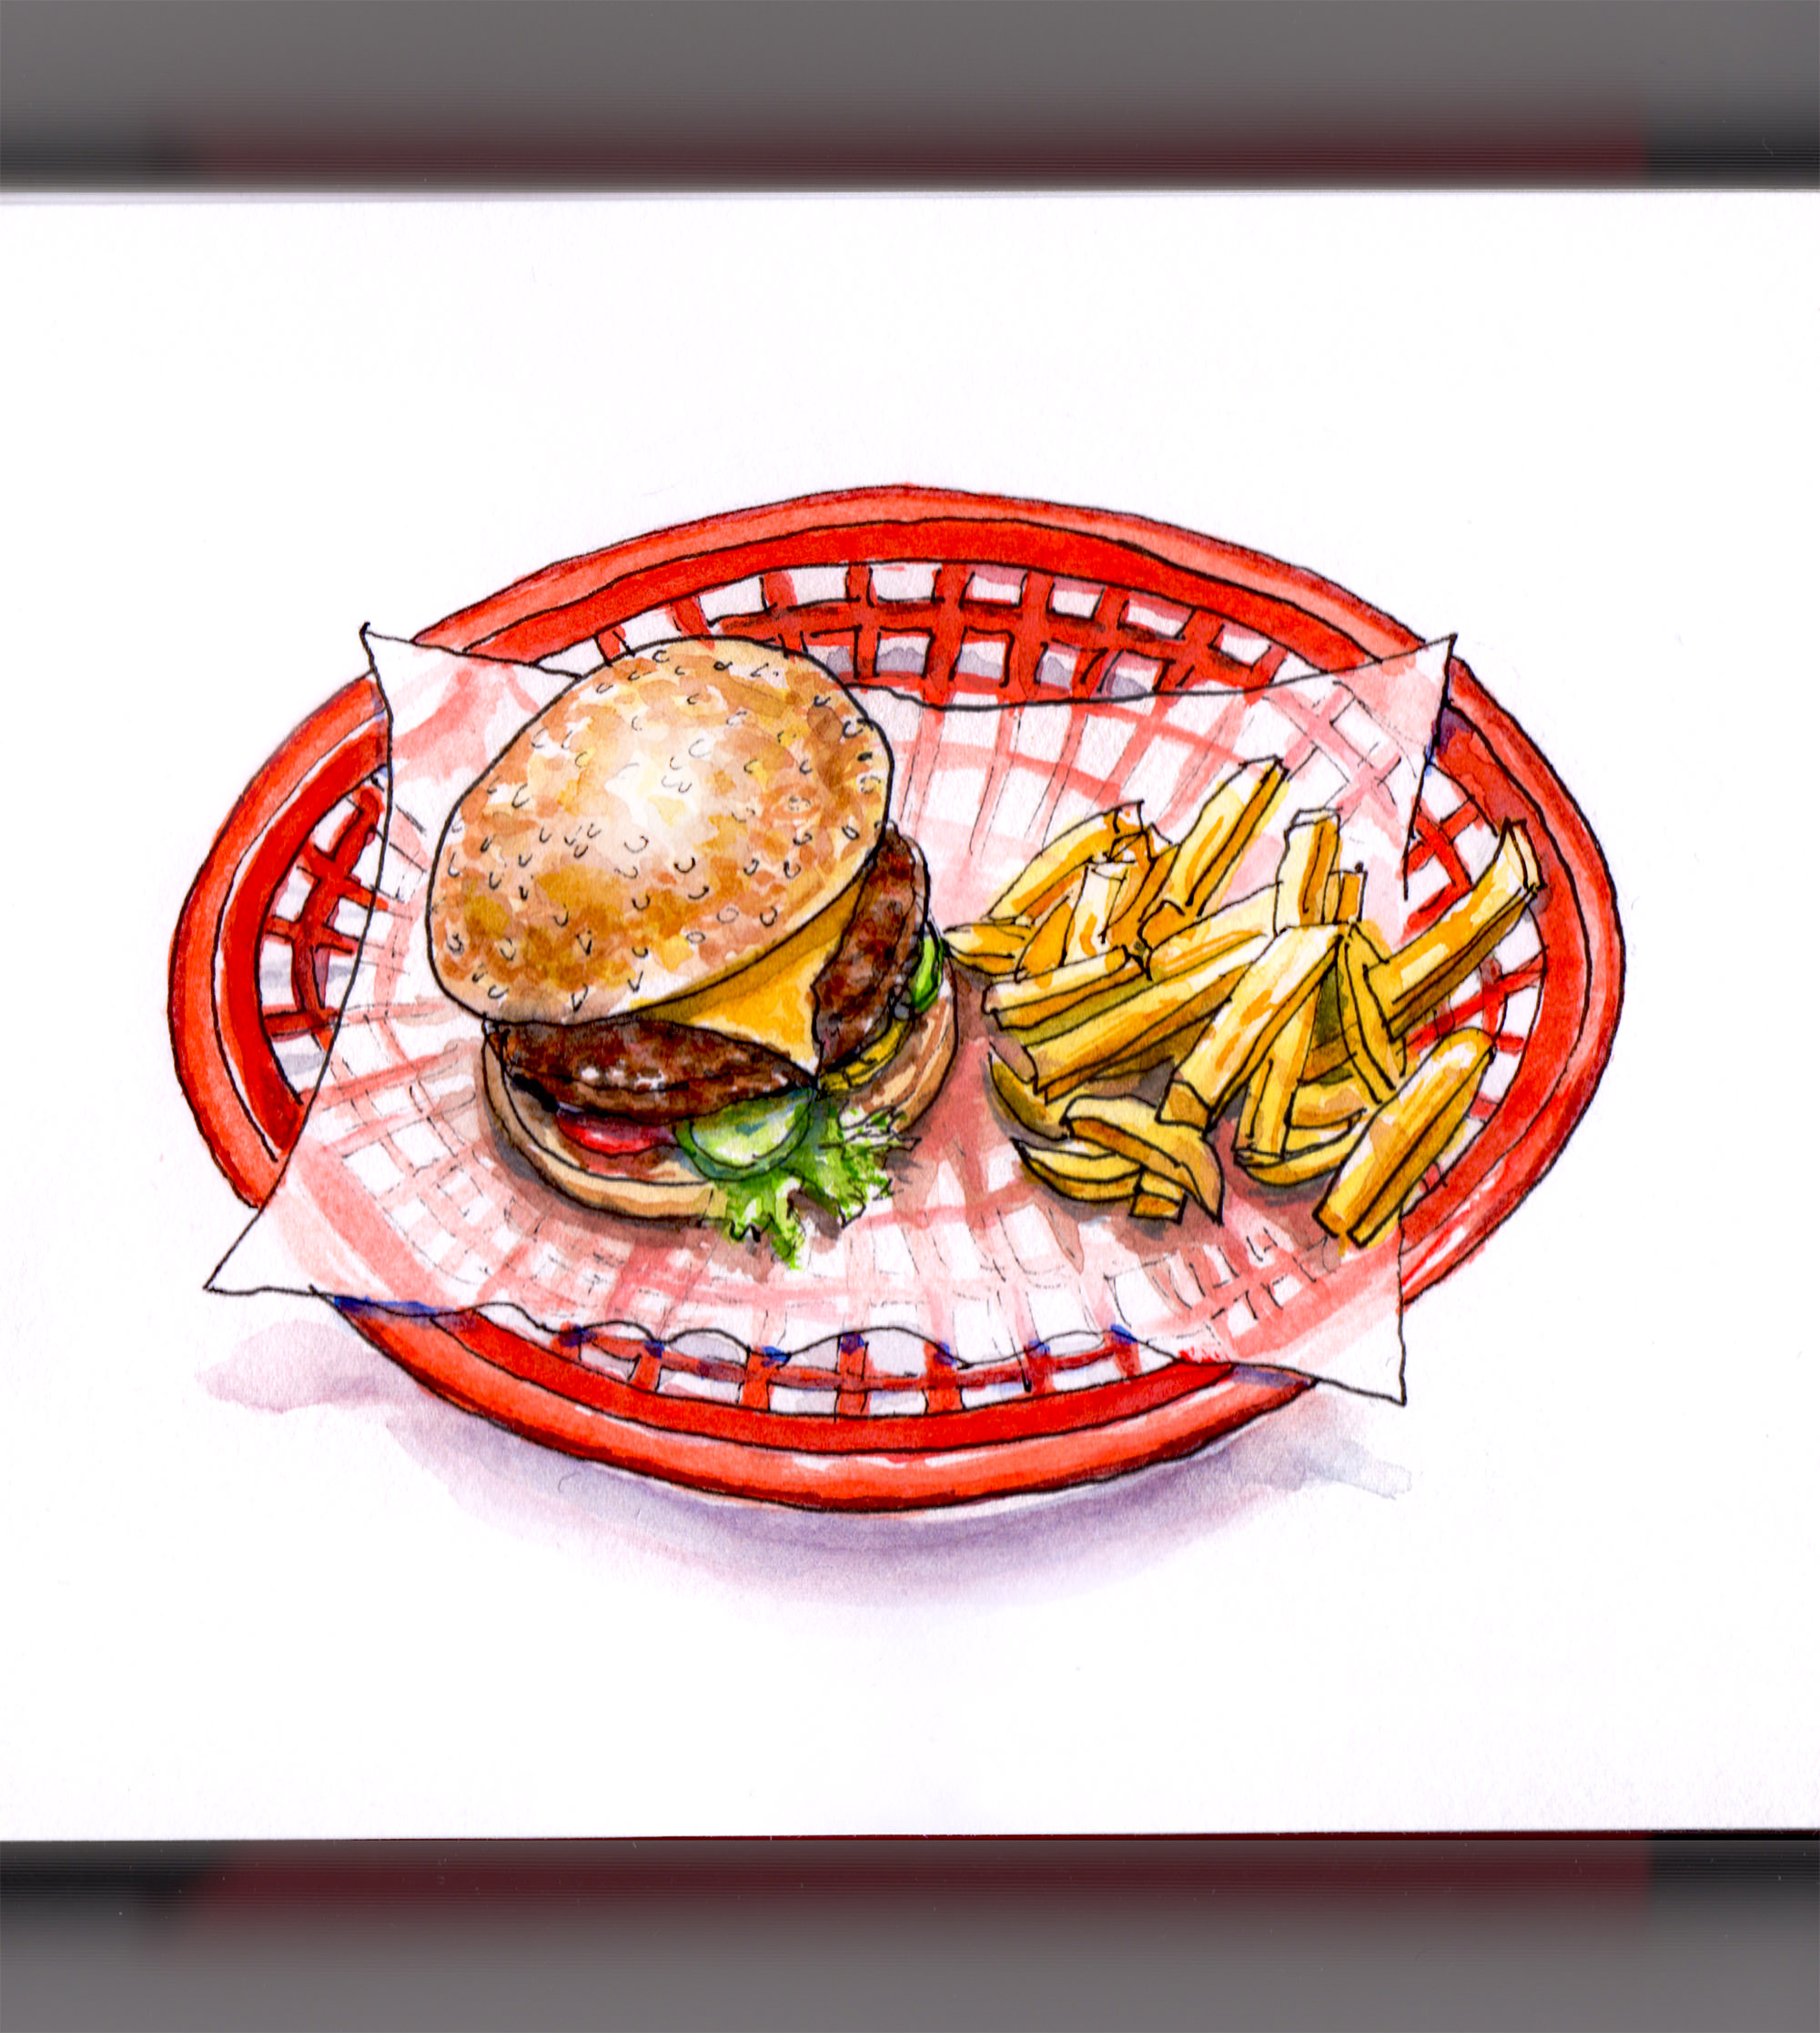 A Burger & Fries